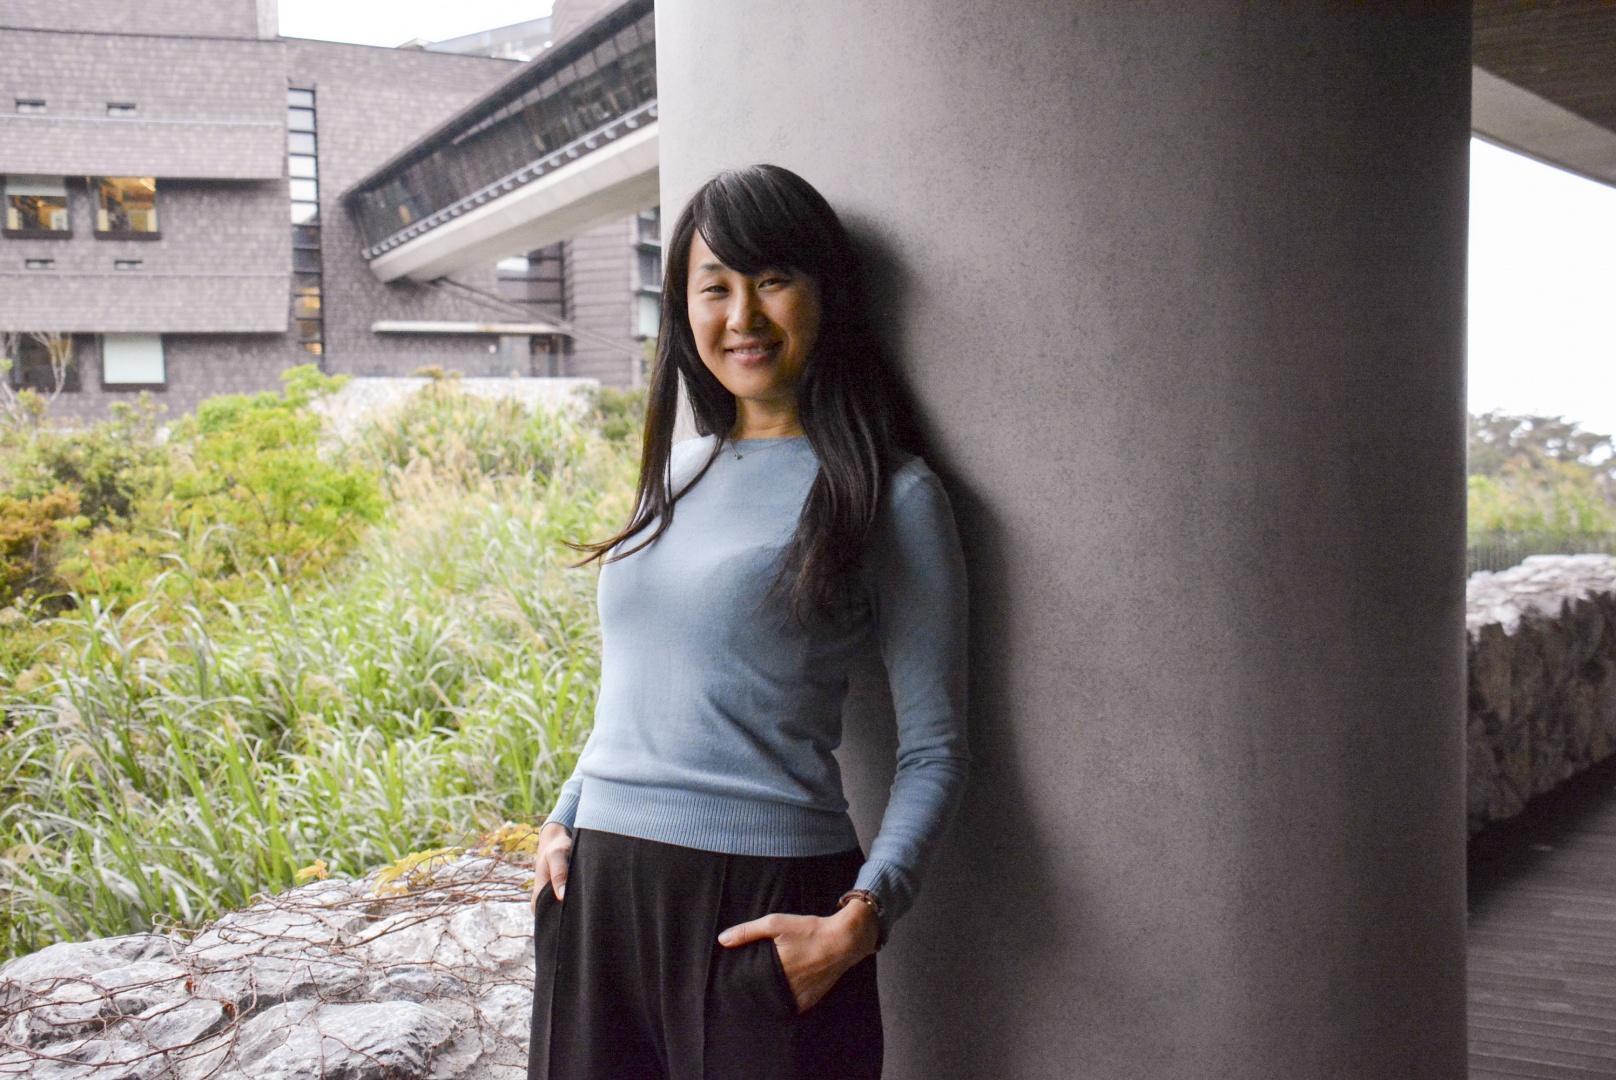 Tomomi Okubo outside smiling